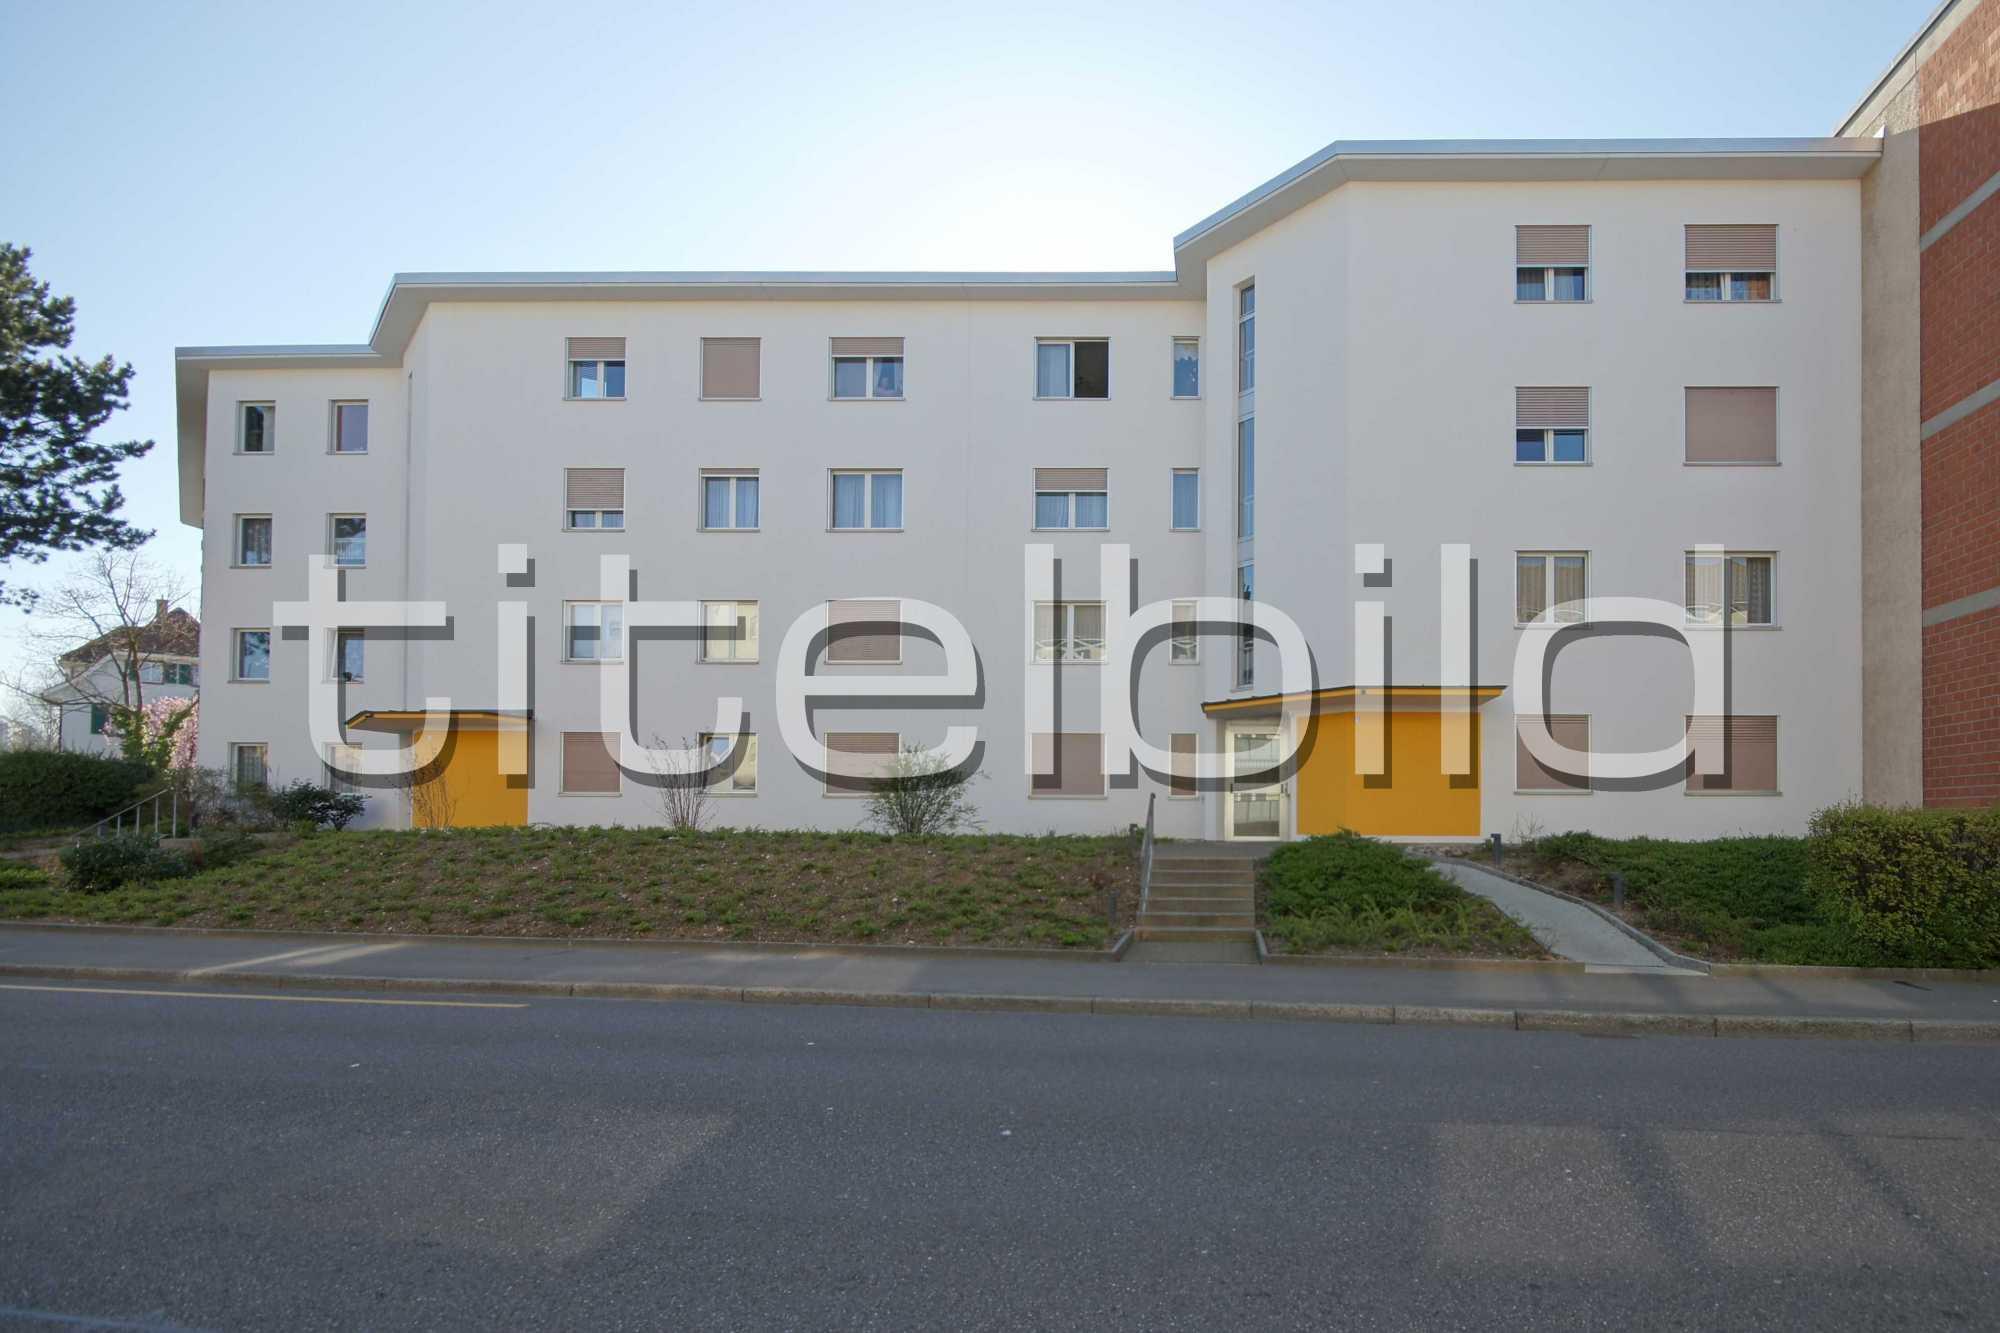 Projektbild-Nr. 3: Sanierung Mehrfamilienhäuser